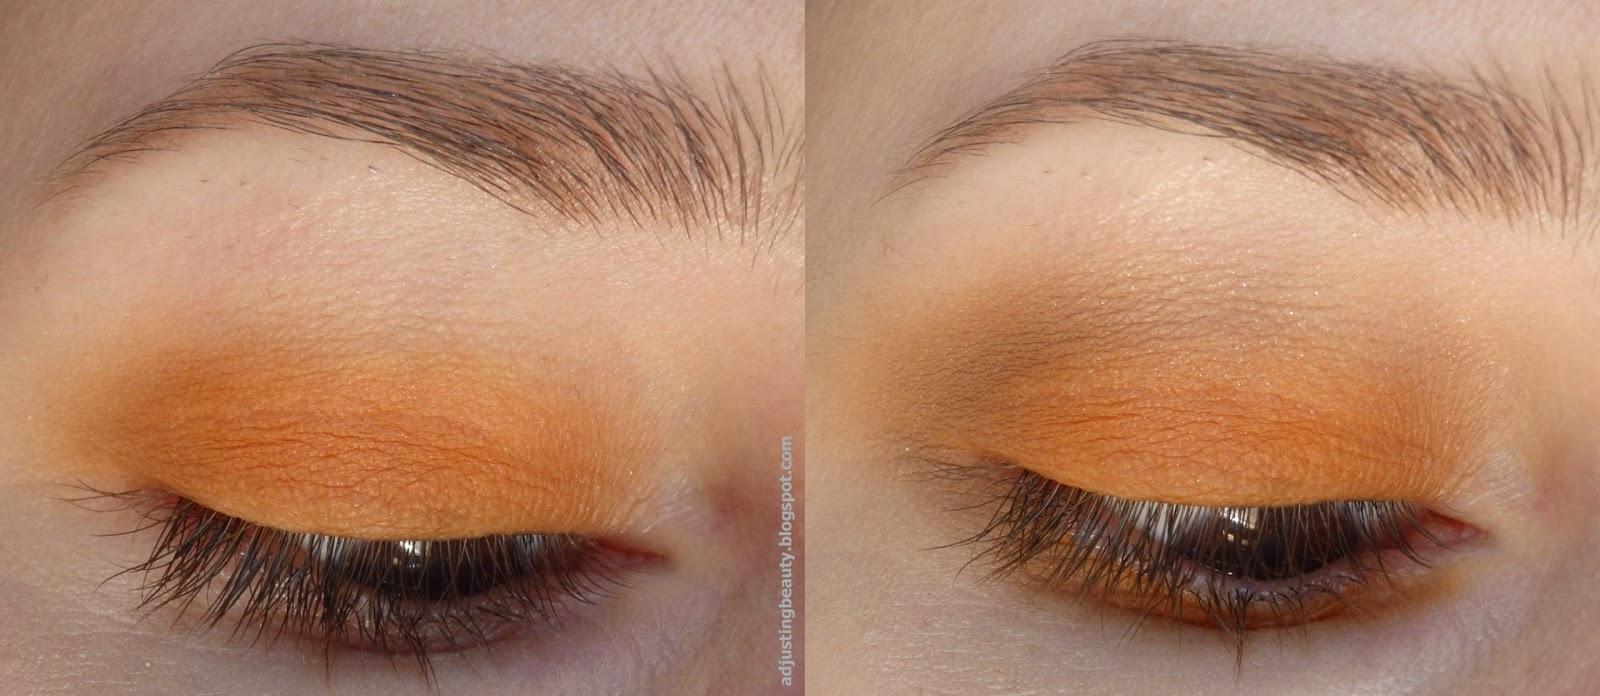 Orange eye makeup for the summer - Adjusting Beauty